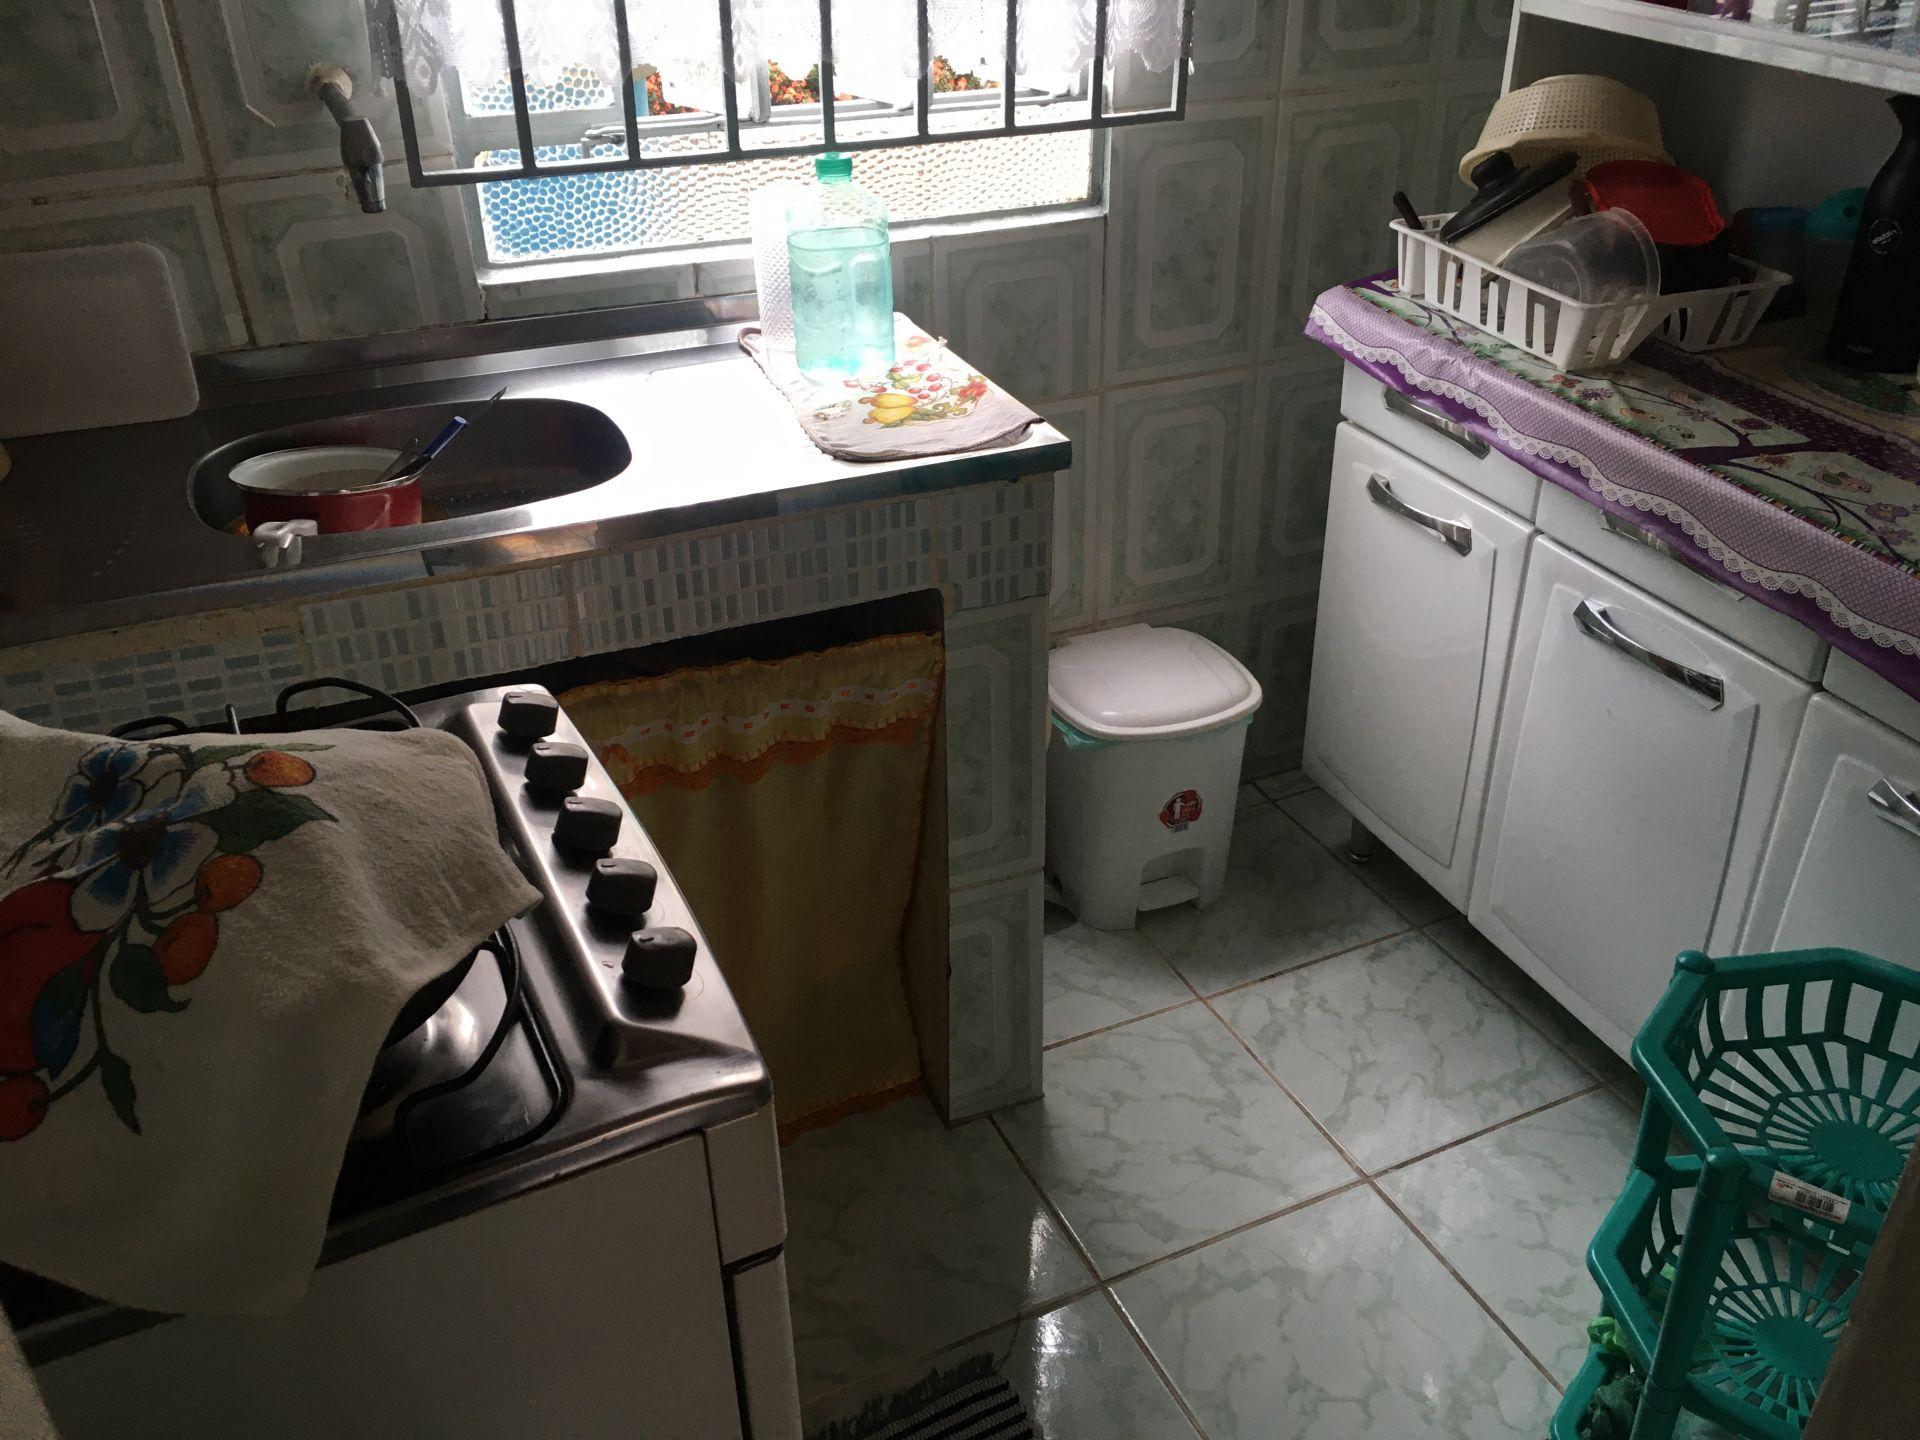 FOTO 10 - Casa de Vila à venda Beco Mário Pereira,Praça Seca, Rio de Janeiro - R$ 350.000 - RF253 - 11